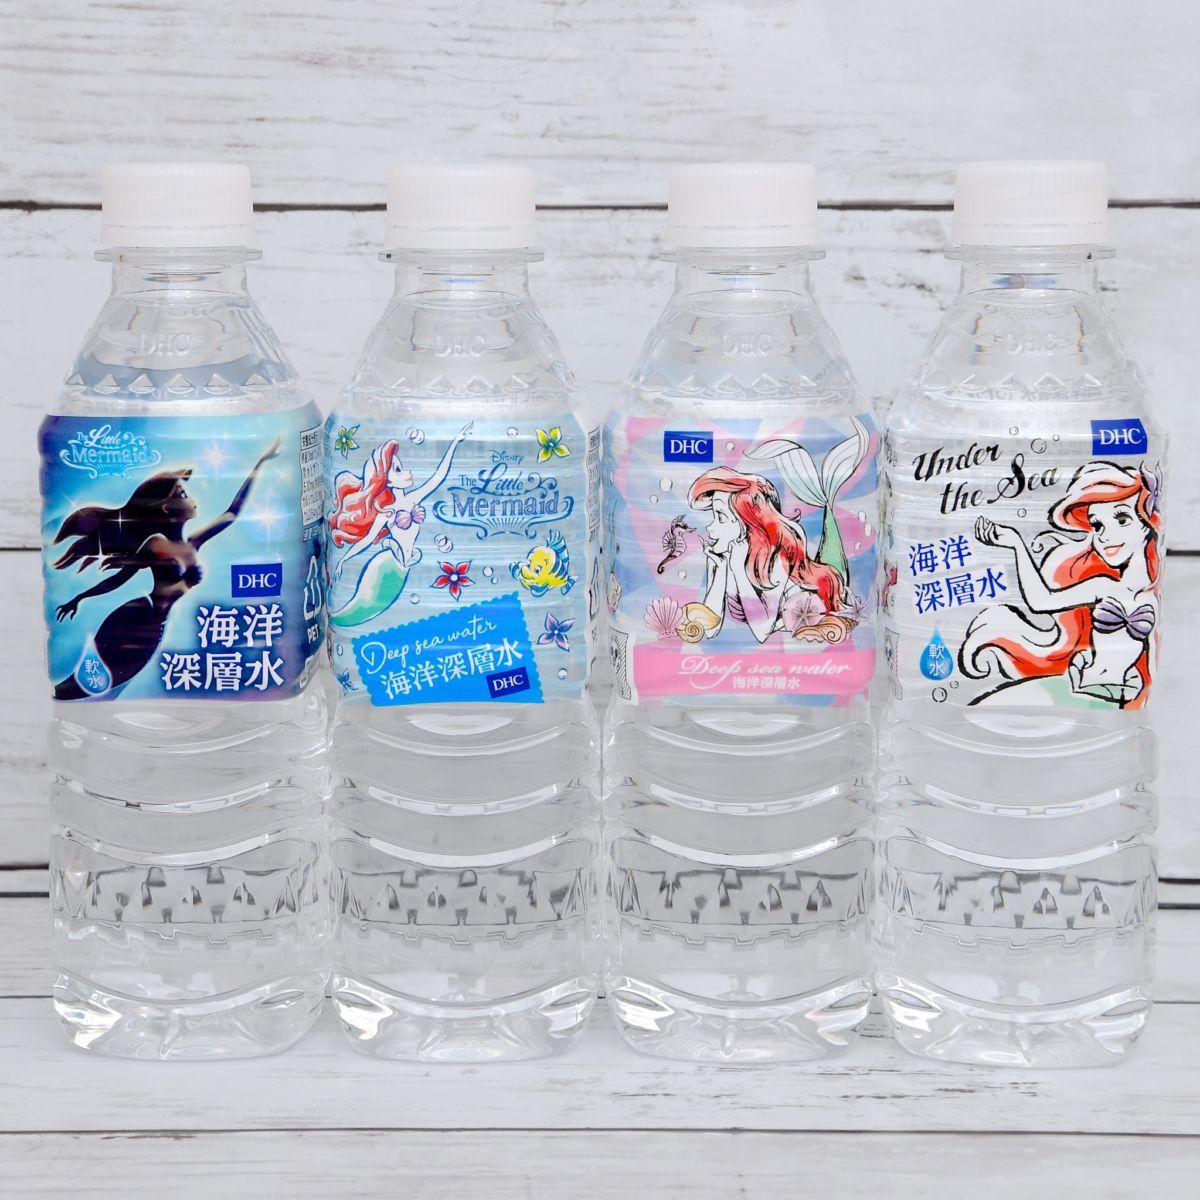 ディズニー映画「リトル・マーメイド」デザインDHC海洋深層水の500mlボトル